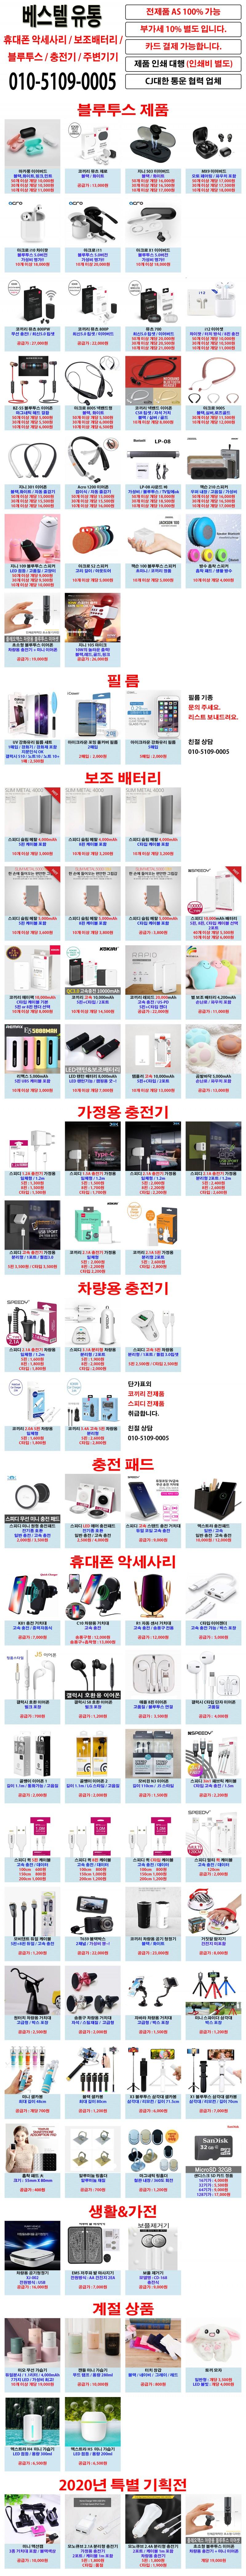 휴대폰매장사은품,판촉,휴대폰악세사리 도소매